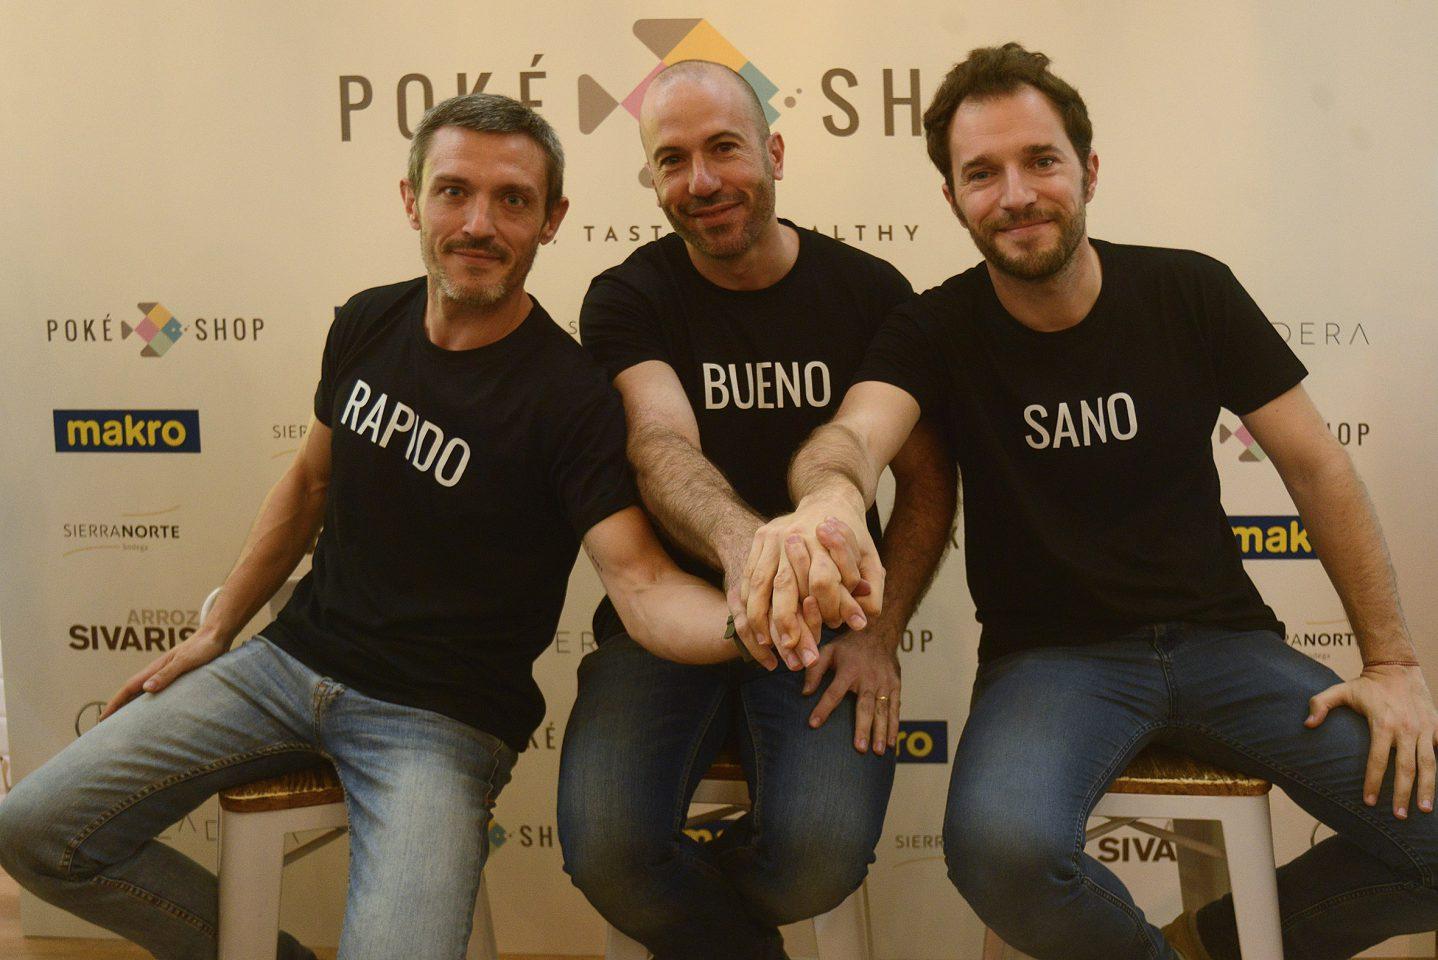 Los socios del proyecto Poké shop